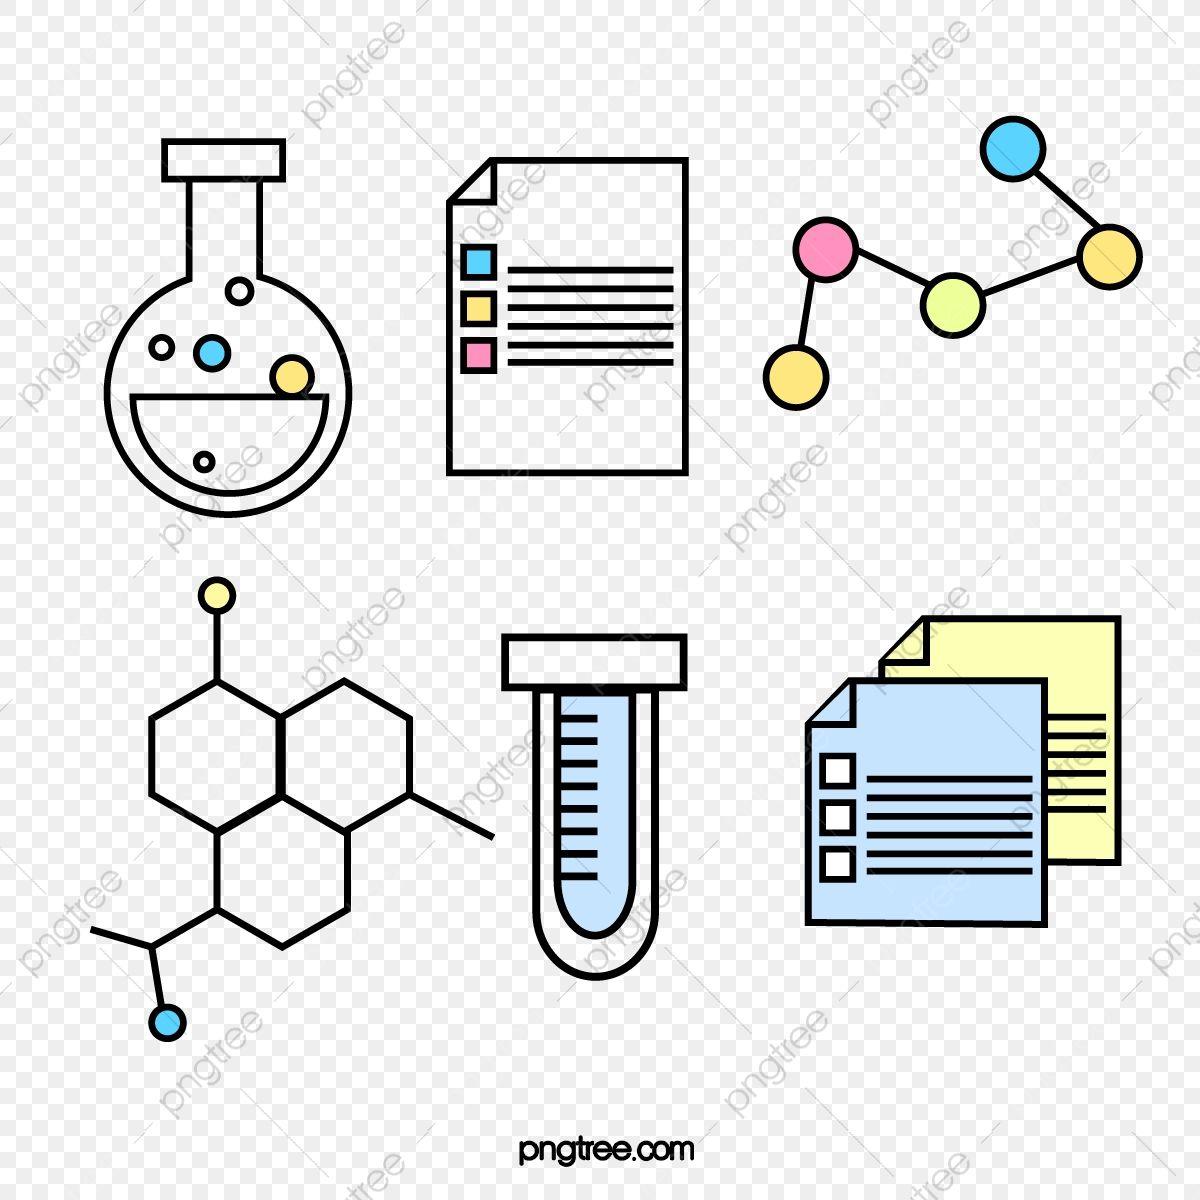 Gambar Ikon Kartun Untuk Sains Hayat Clipart Sains Vektor Kartun Kehidupan Sains Png Dan Vektor Untuk Muat Turun Percuma Ikon Kartun Kartun Gambar Kartun